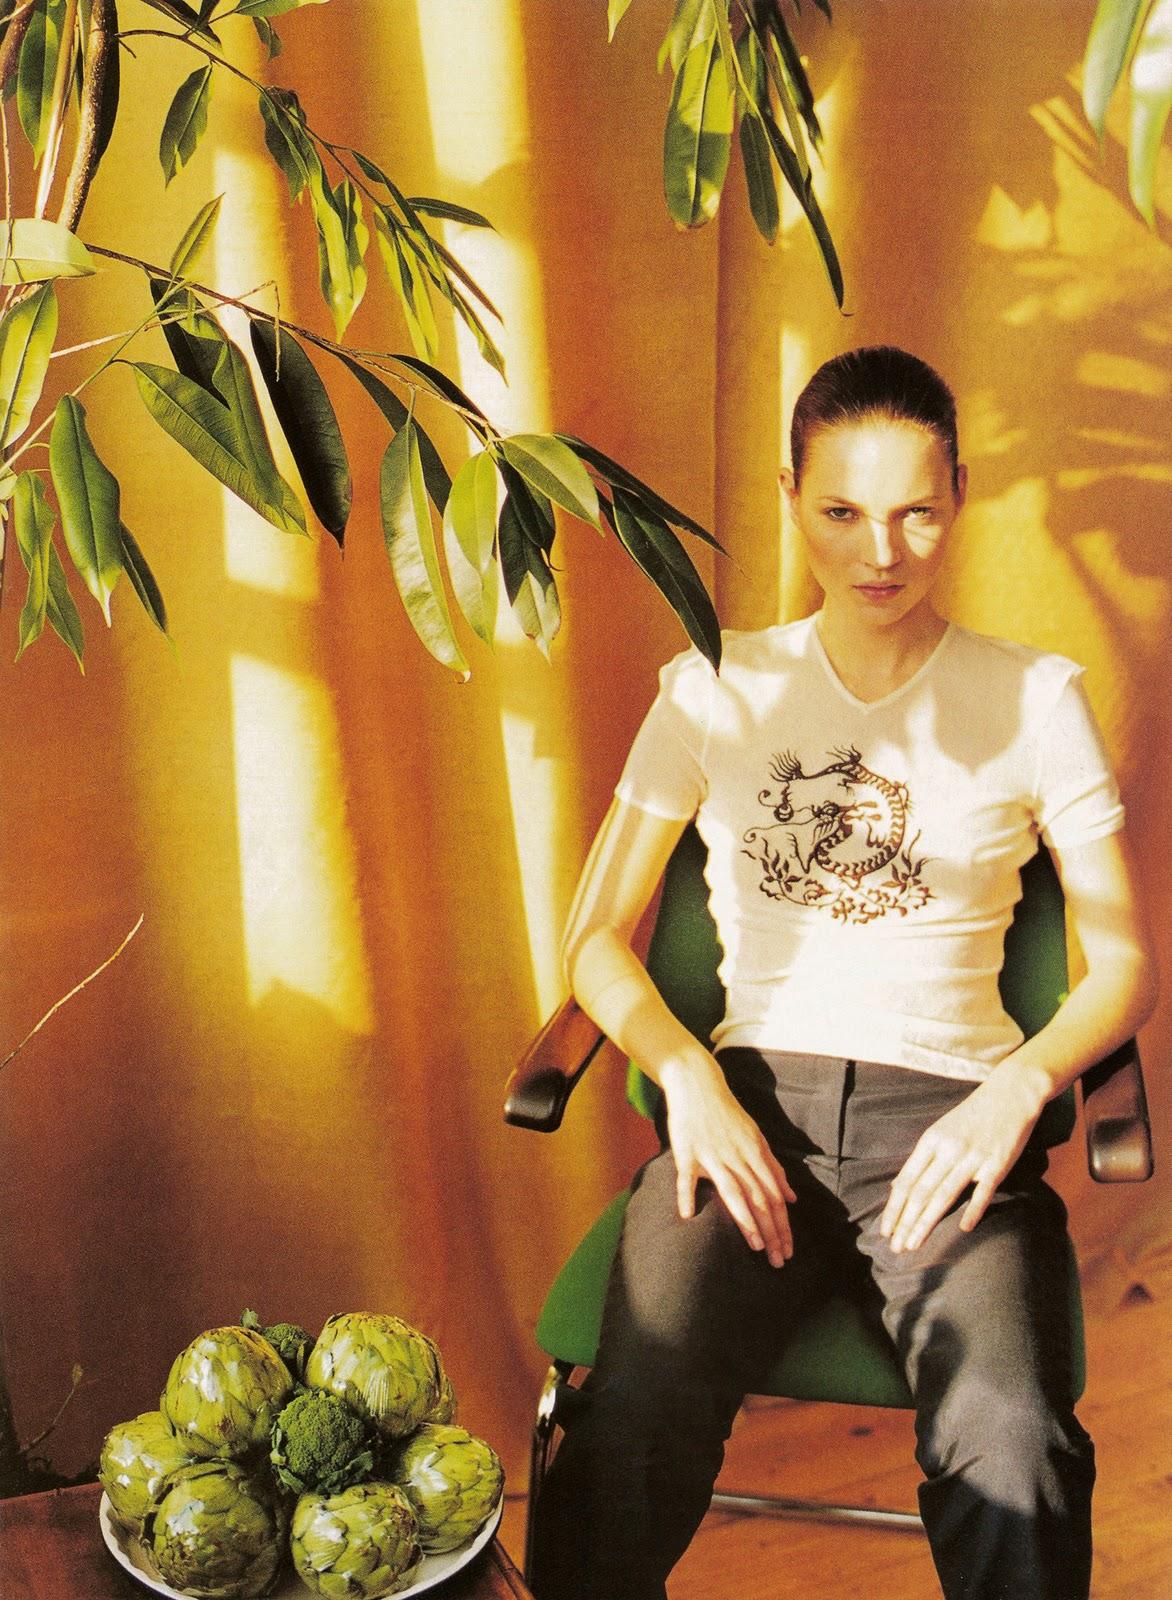 http://1.bp.blogspot.com/_ASzMR8q_zZ4/TPy688y9afI/AAAAAAAAB6g/Hp5Qju7FvzA/s1600/2000-KATE-1997-VOGUE-SPIRIT-SCAN6.jpg